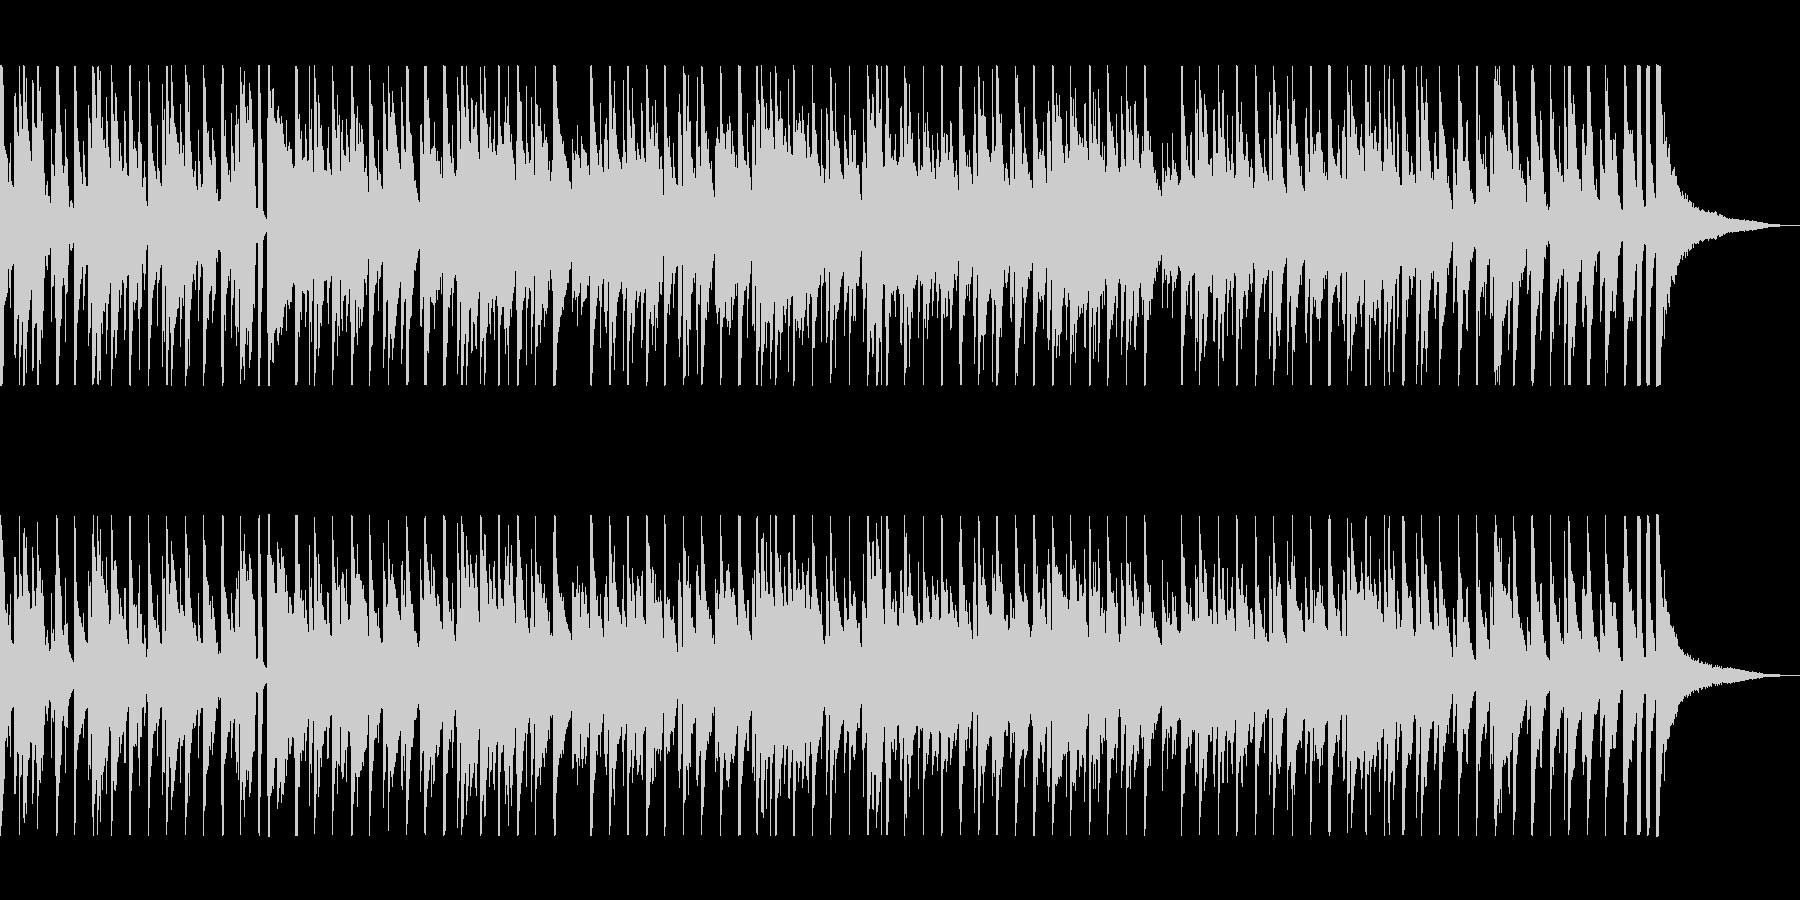 軽快でピアノとドラムが印象的なボサノバの未再生の波形